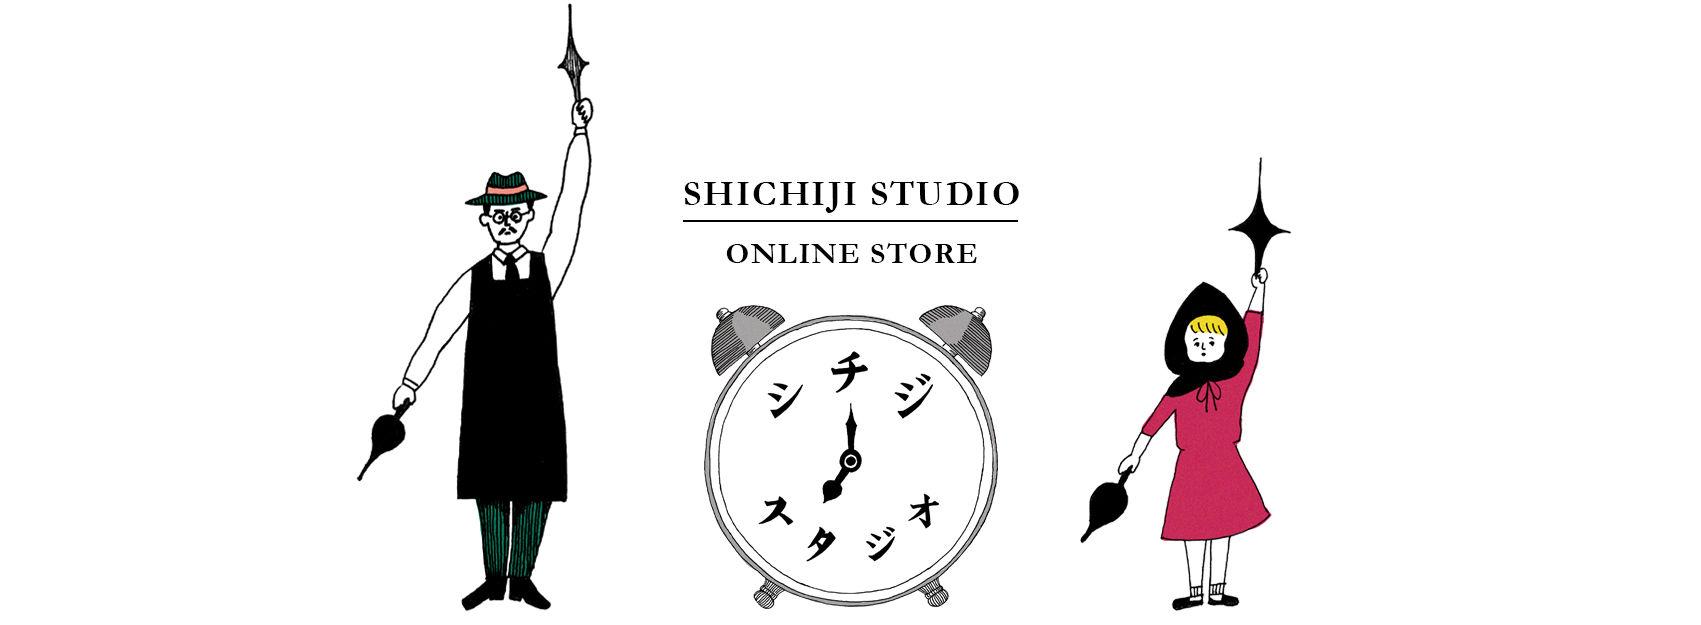 シチジスタジオ online store